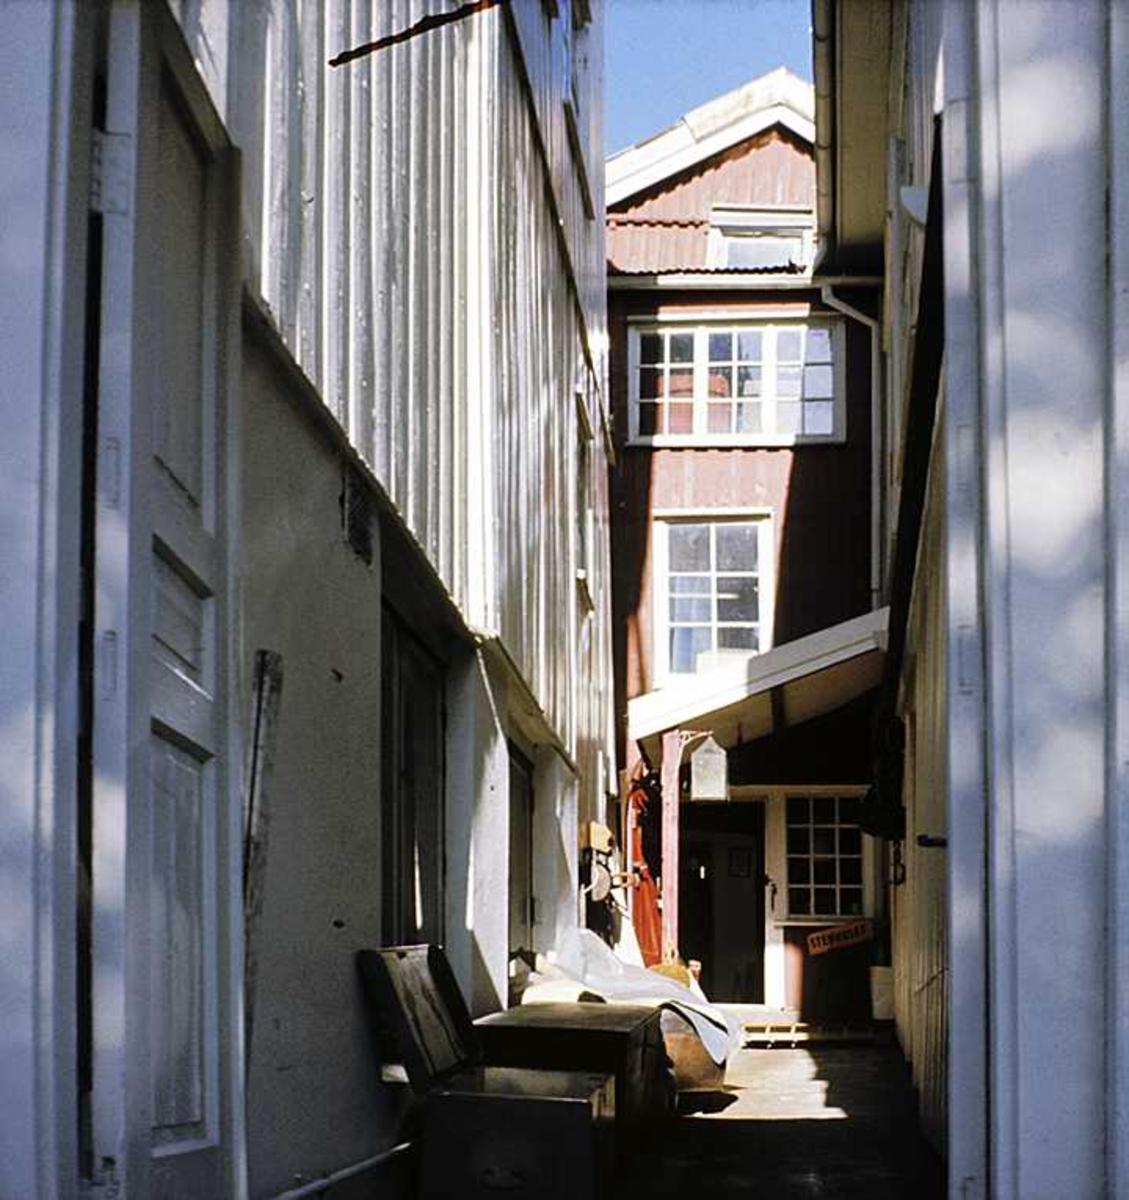 Smalt smau mellom bygninger, vegger panel, bygningsarbeid pågår.